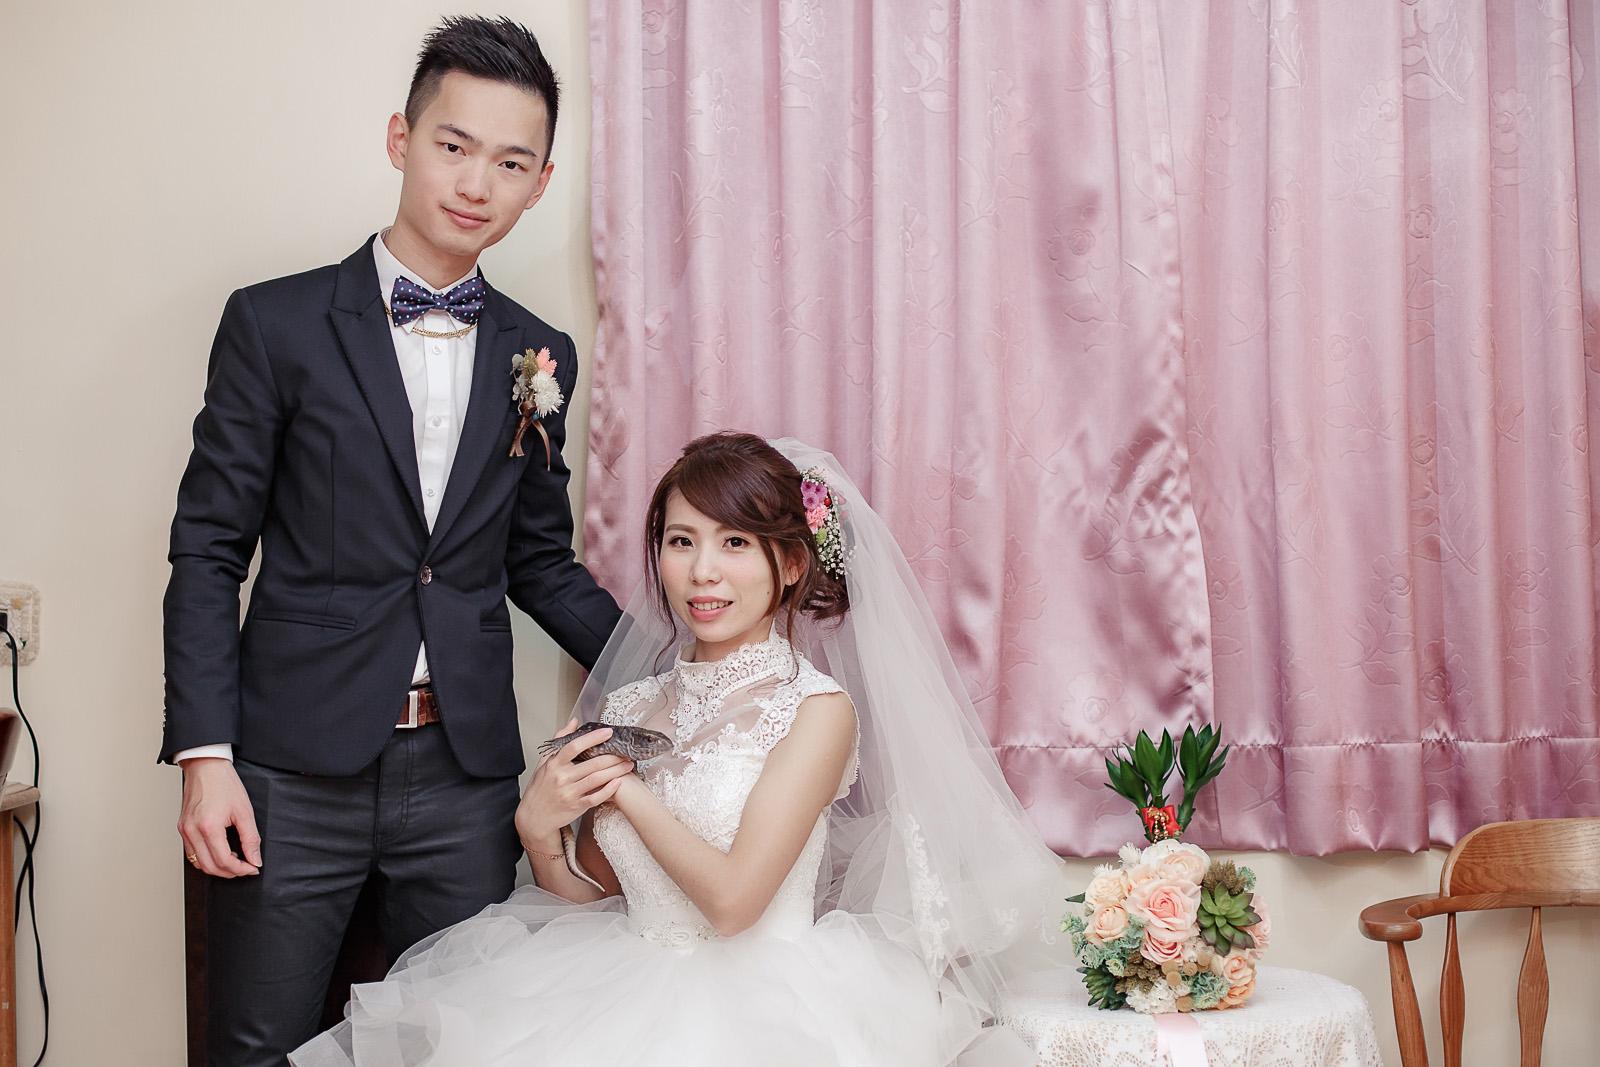 高雄圓山飯店,婚禮攝影,婚攝,高雄婚攝,優質婚攝推薦,Jen&Ethan-190